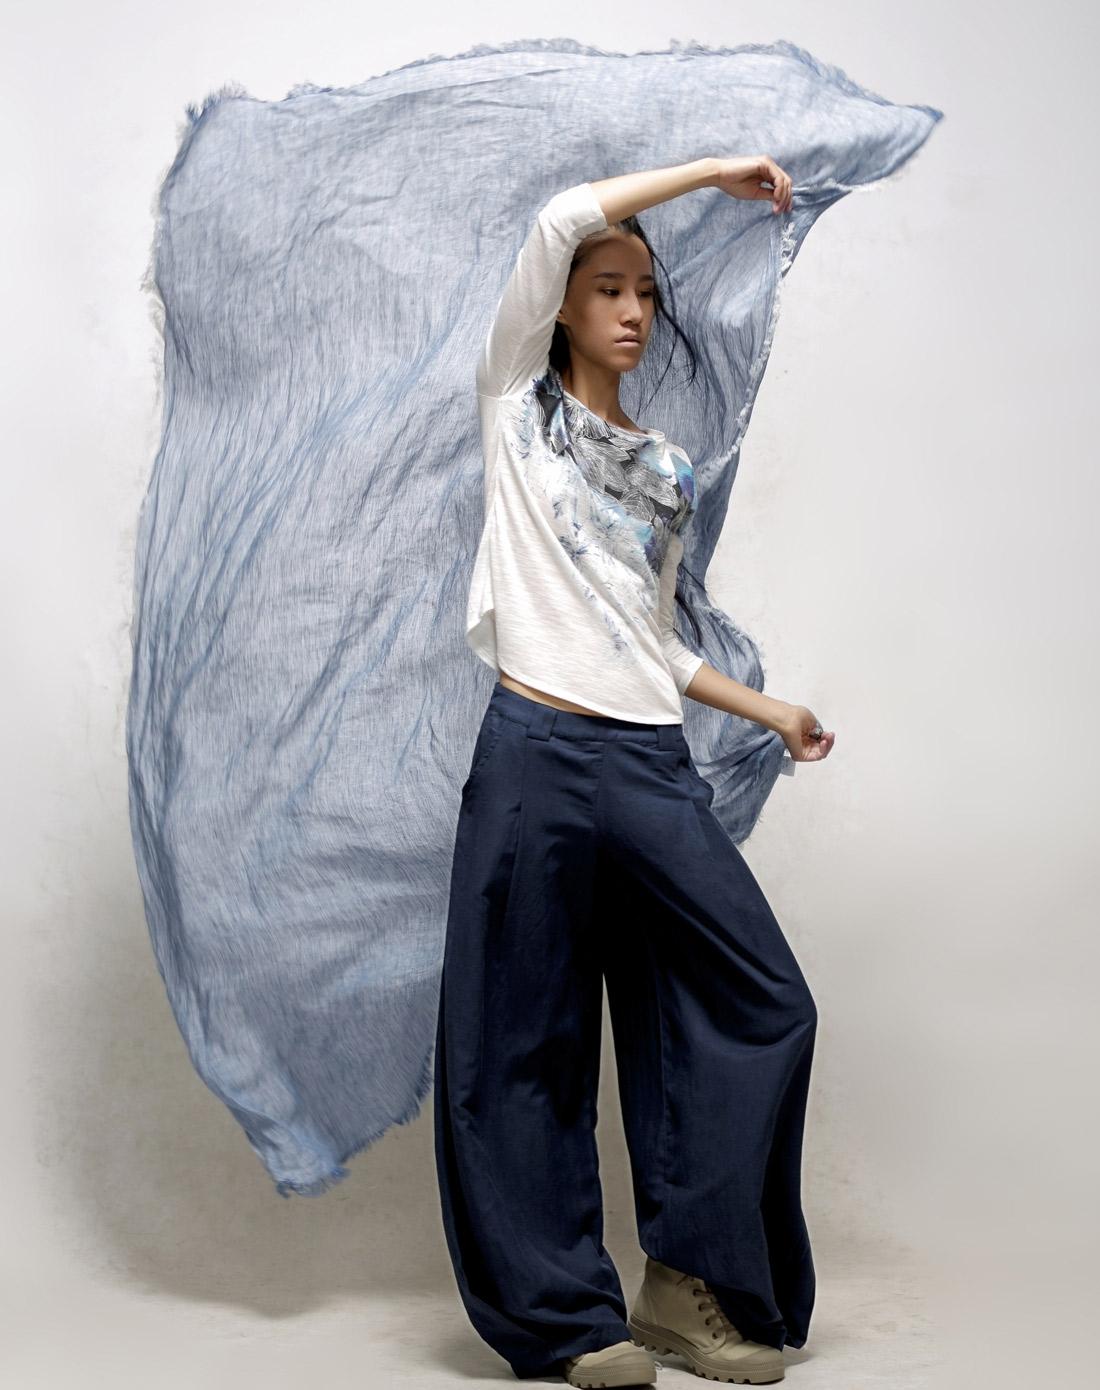 素缕souline蓝色《稻穗》通勤围巾sl30010001图片